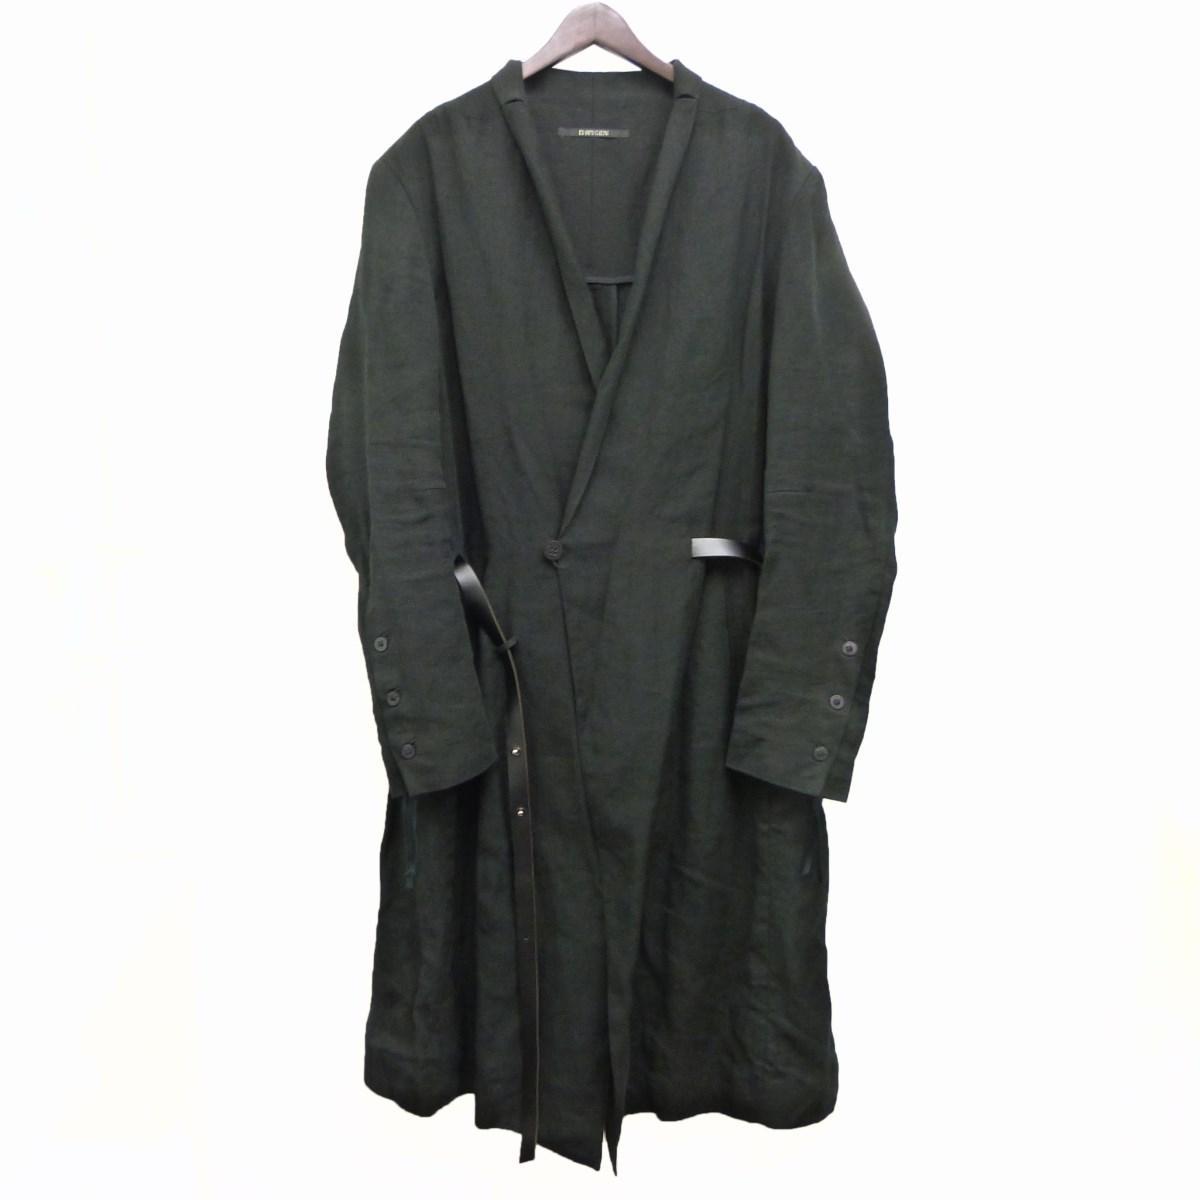 【中古】D.HYGEN19SS「Linen gown coat」リネンガウンコート ブラック サイズ:4 【4月27日見直し】